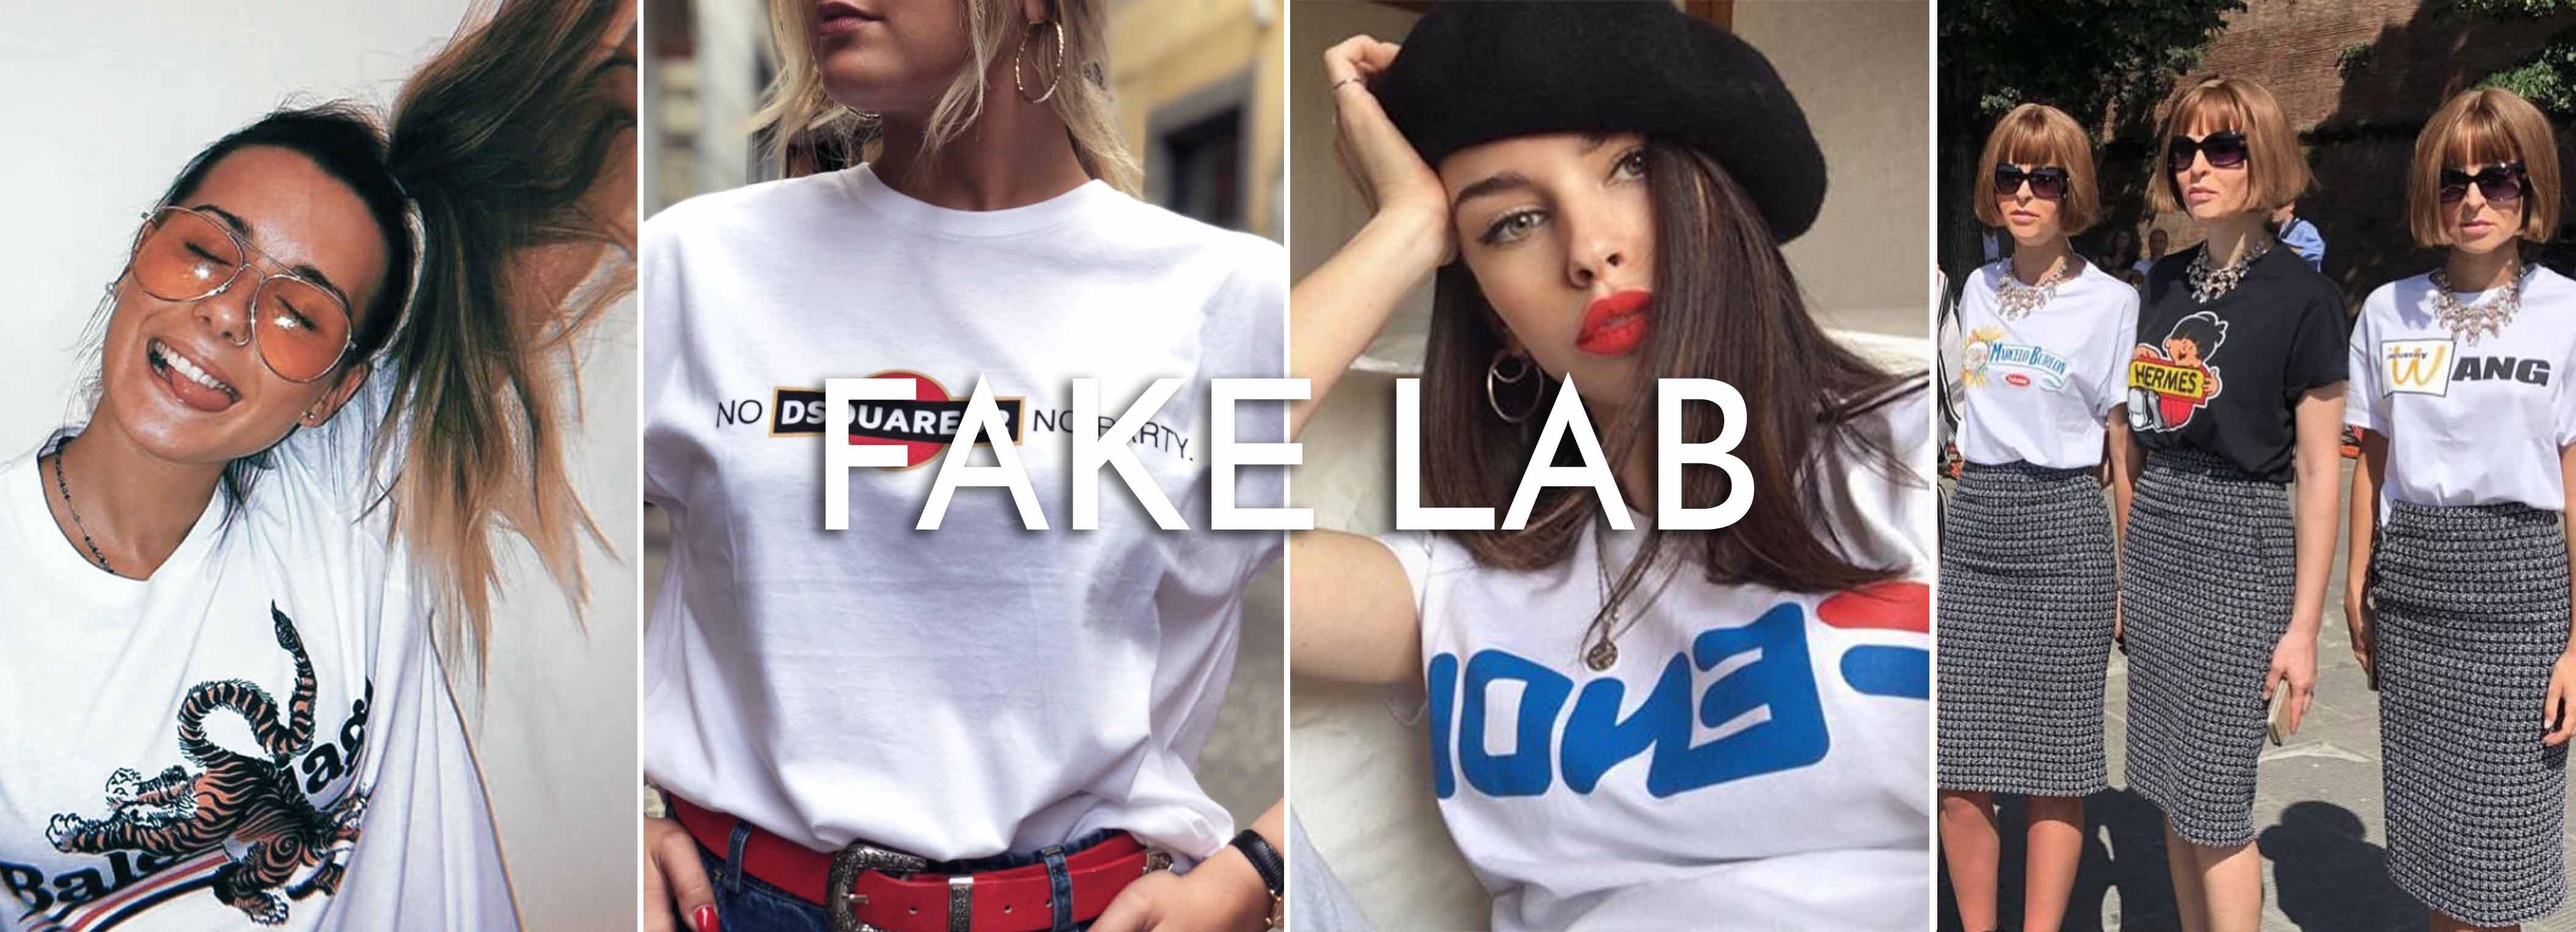 Fake lab